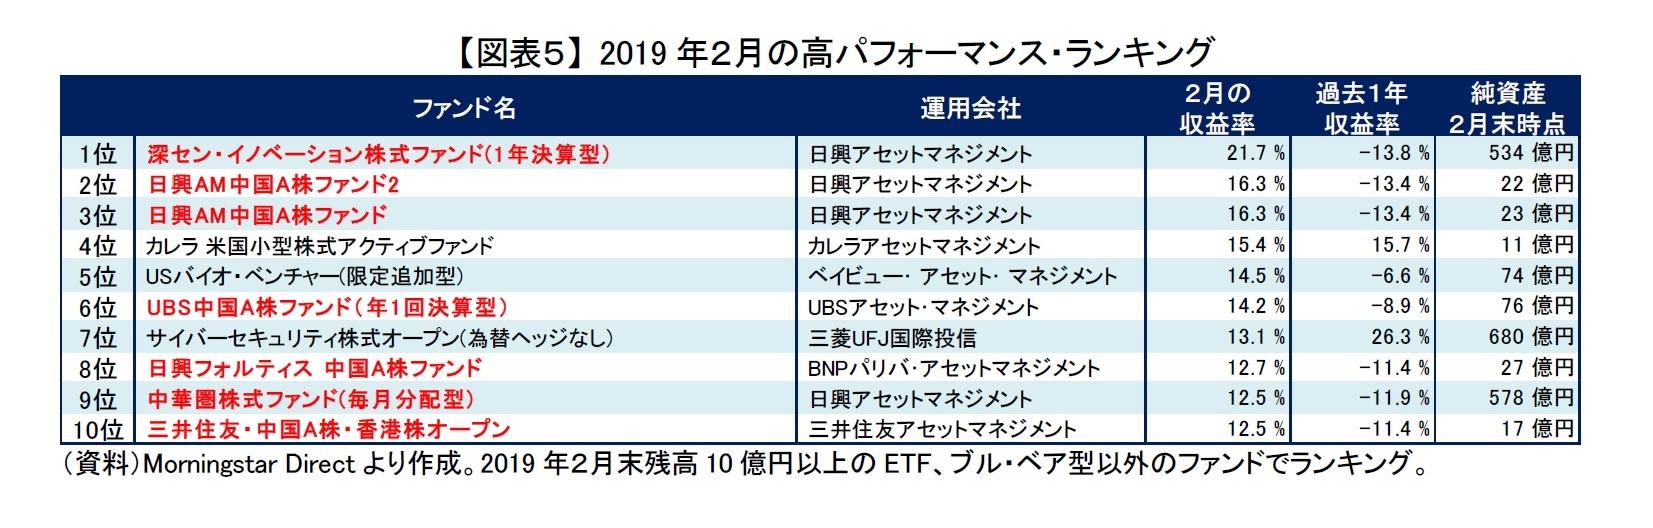 【図表5】 2019年2月の高パフォーマンス・ランキング